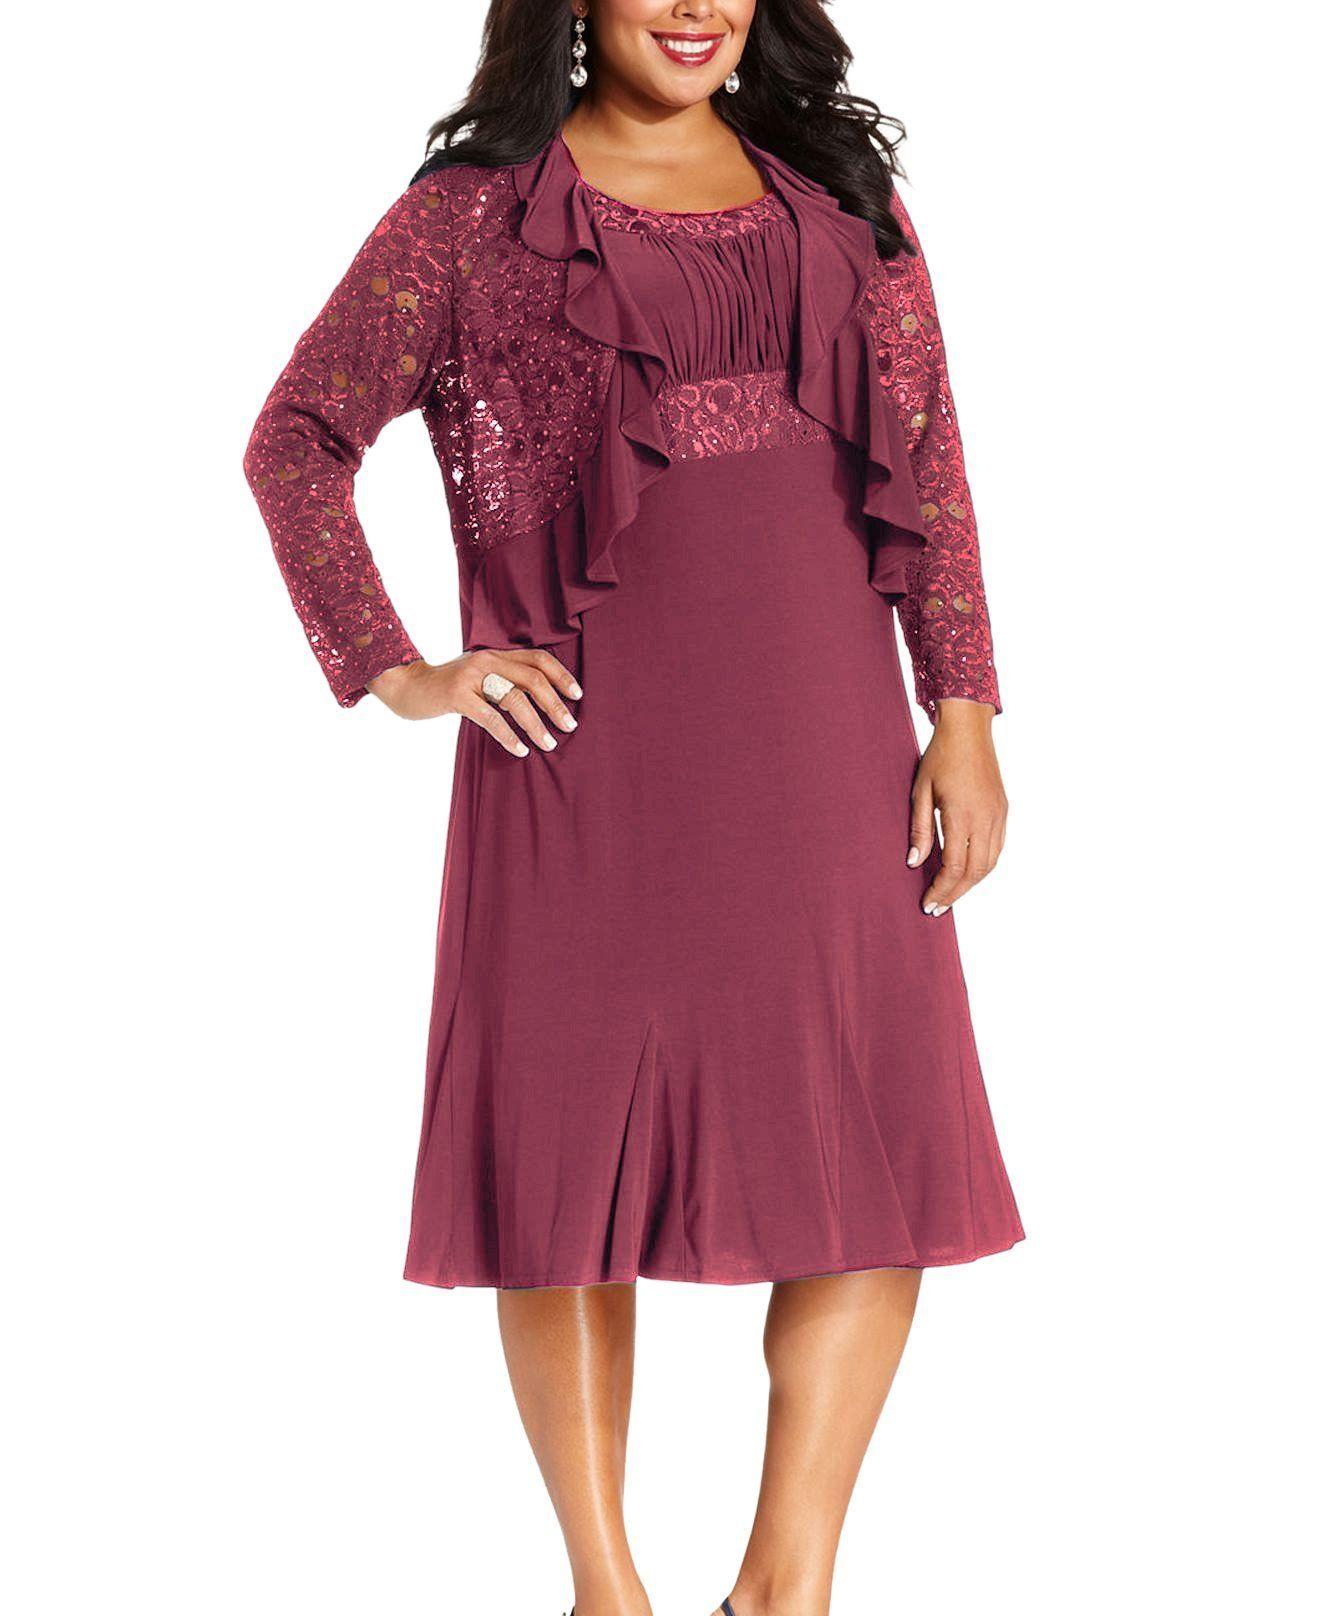 Rm richards plus size lace sequin dress products pinterest